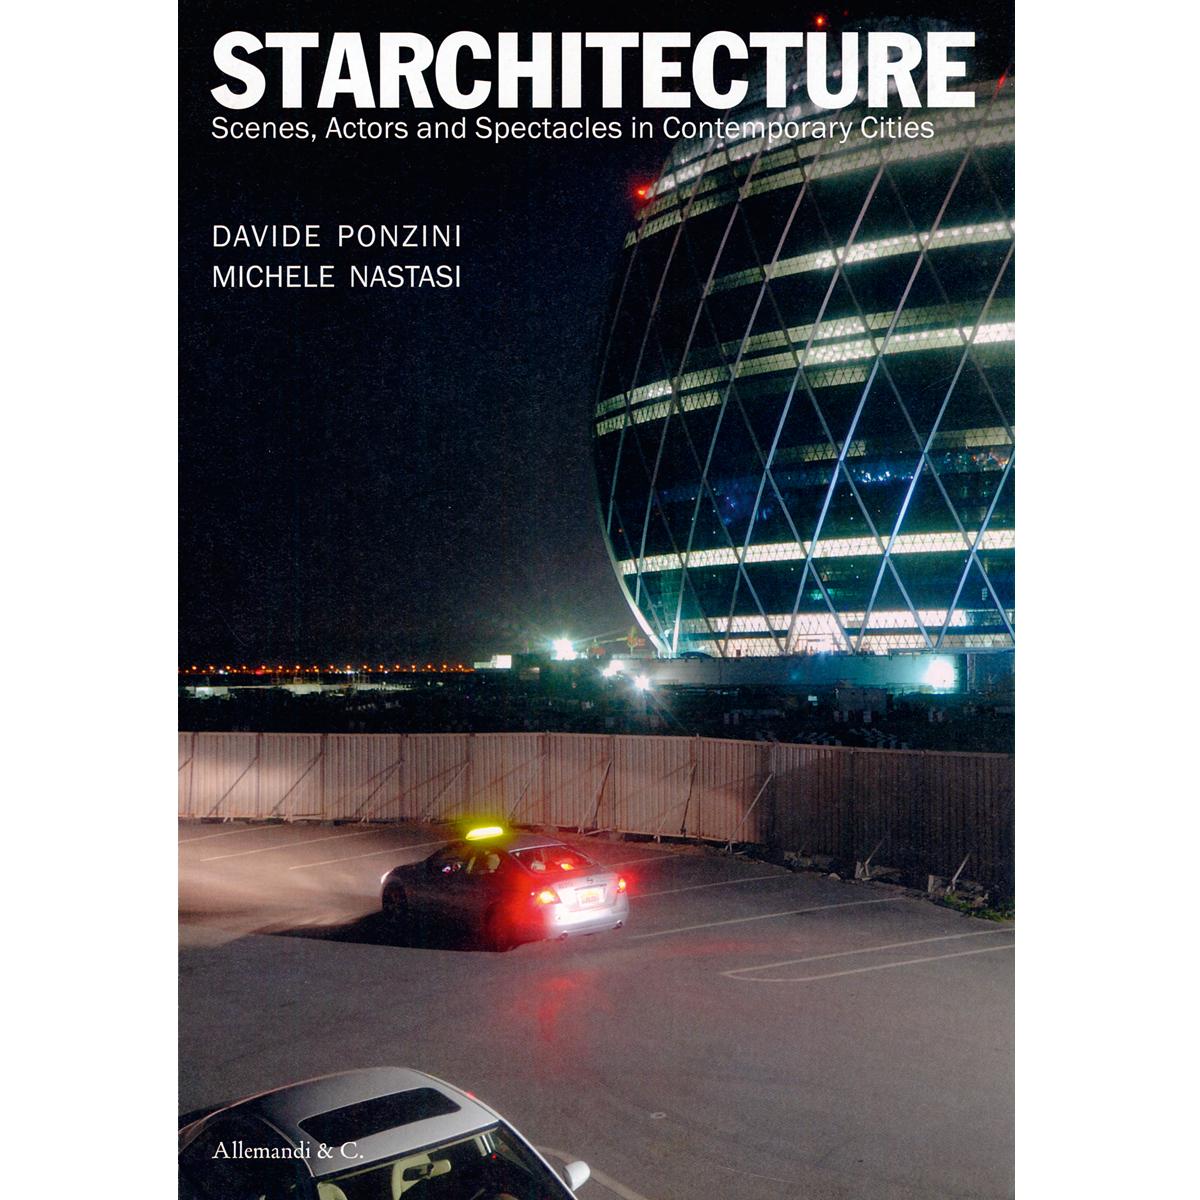 Starchitecture